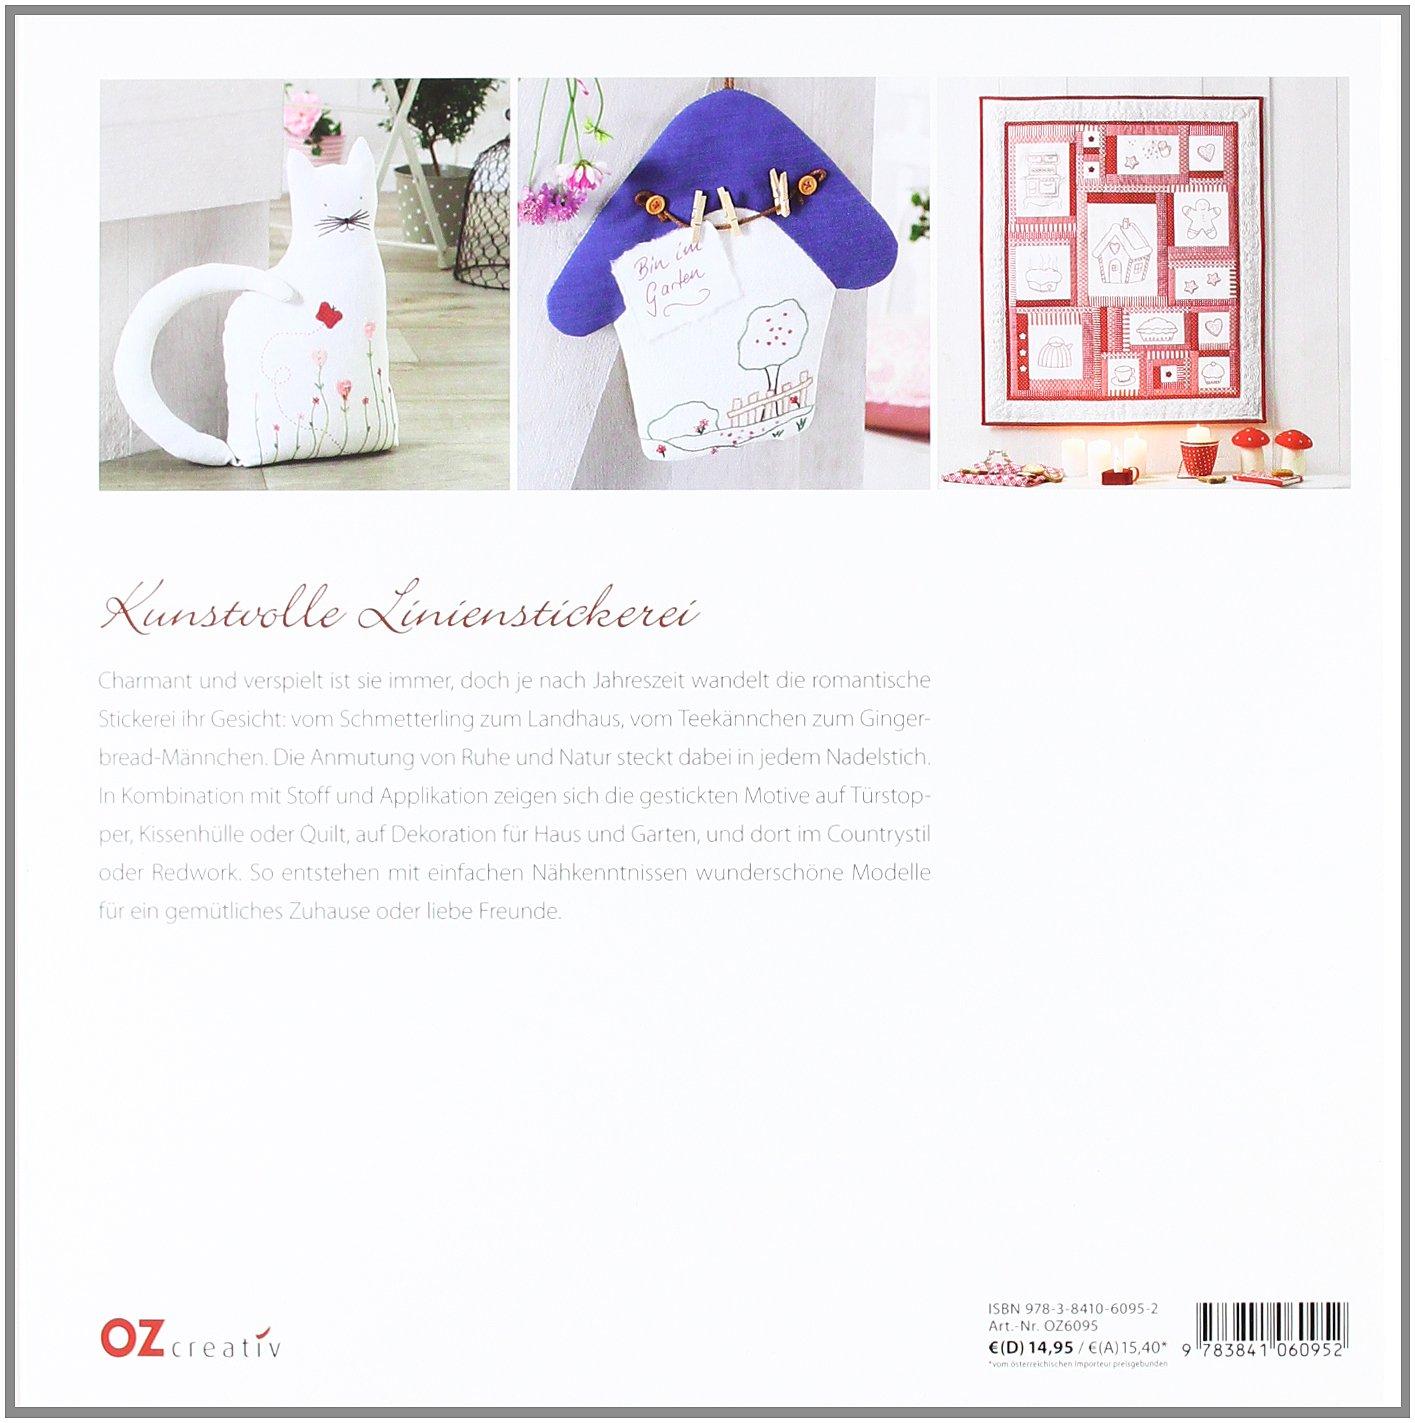 OZ6095_romantische_Stickerei_kombiniert_mit-Stoff_und_Applikation_1